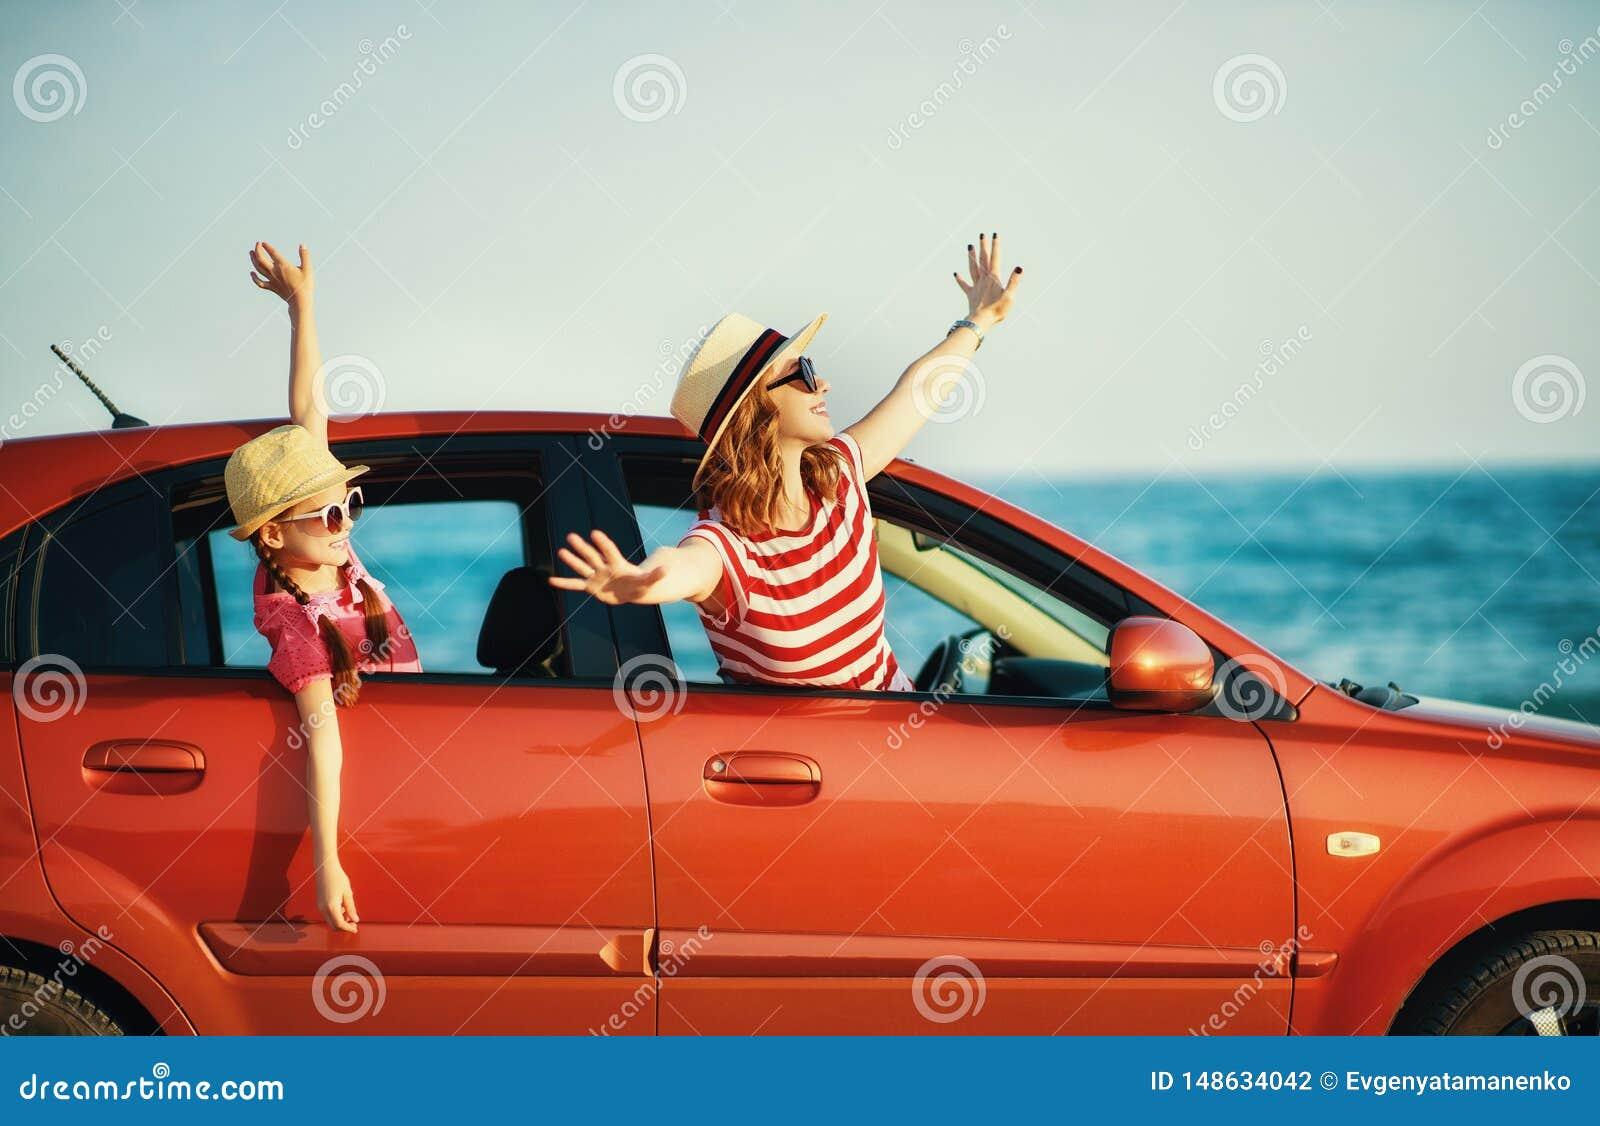 Szcz??liwa rodziny matka i dziecko dziewczyna i?? lato podr??y wycieczka w samochodzie